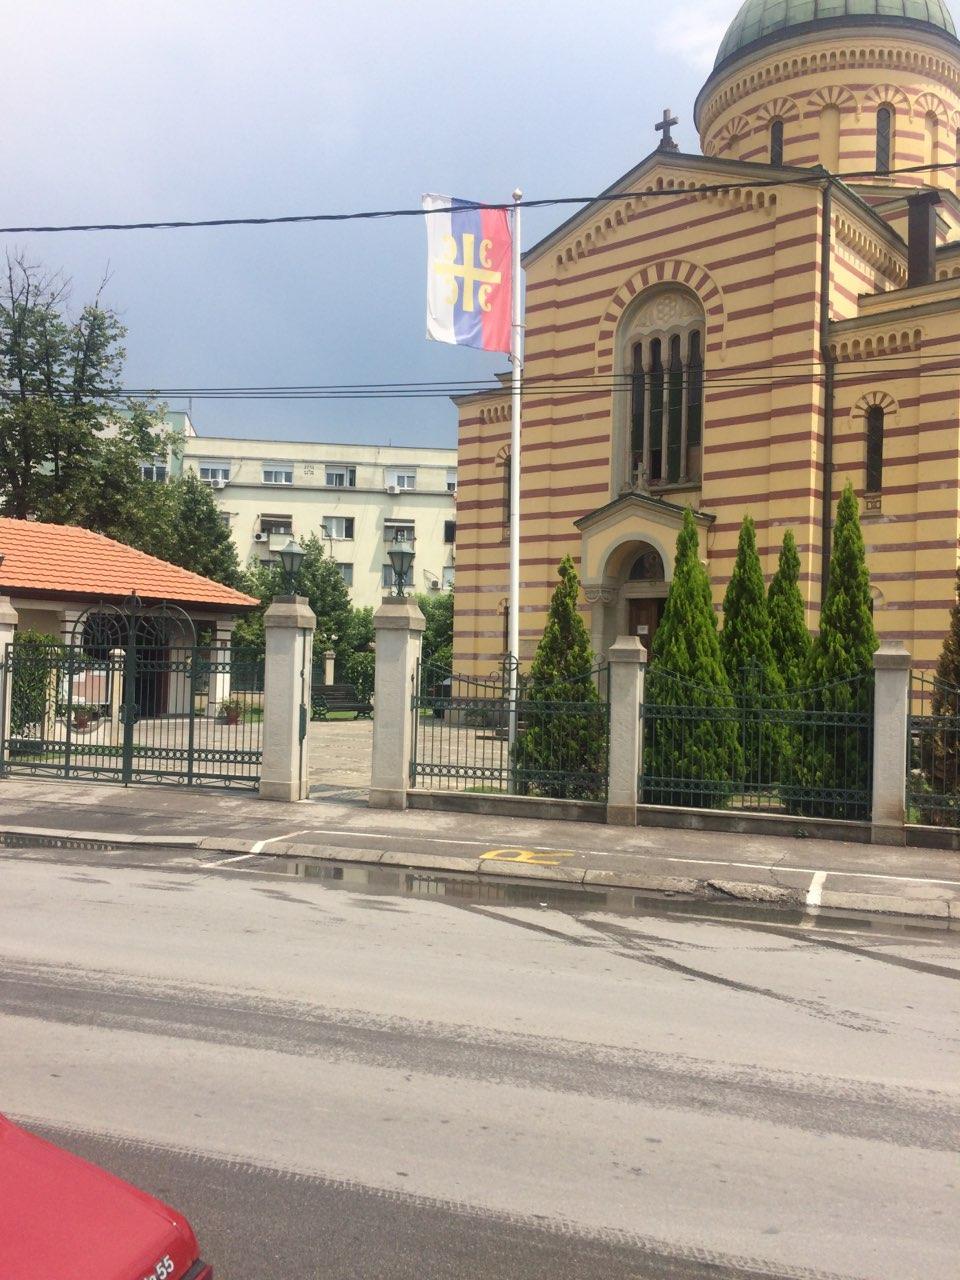 Небрига или незнање крушевачке епархије СПЦ